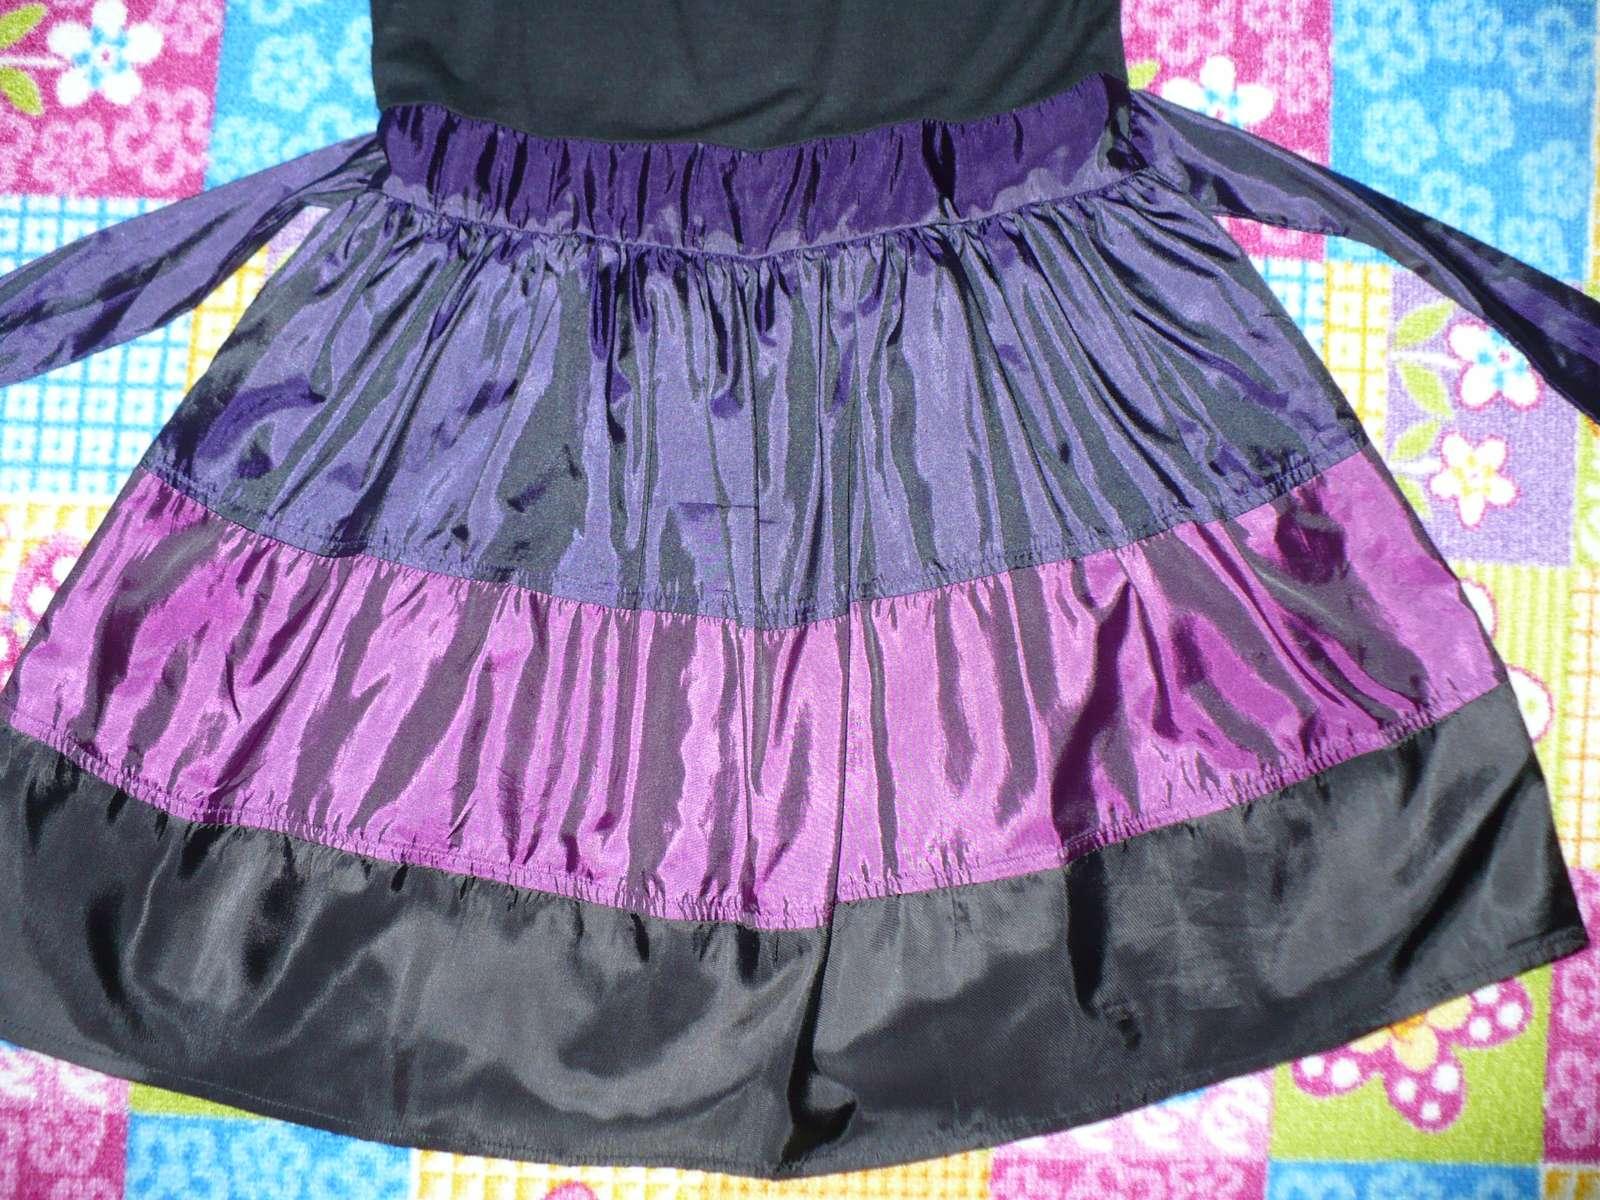 Fialovo čierne spoločenské šaty Y.d.  - Obrázok č. 3